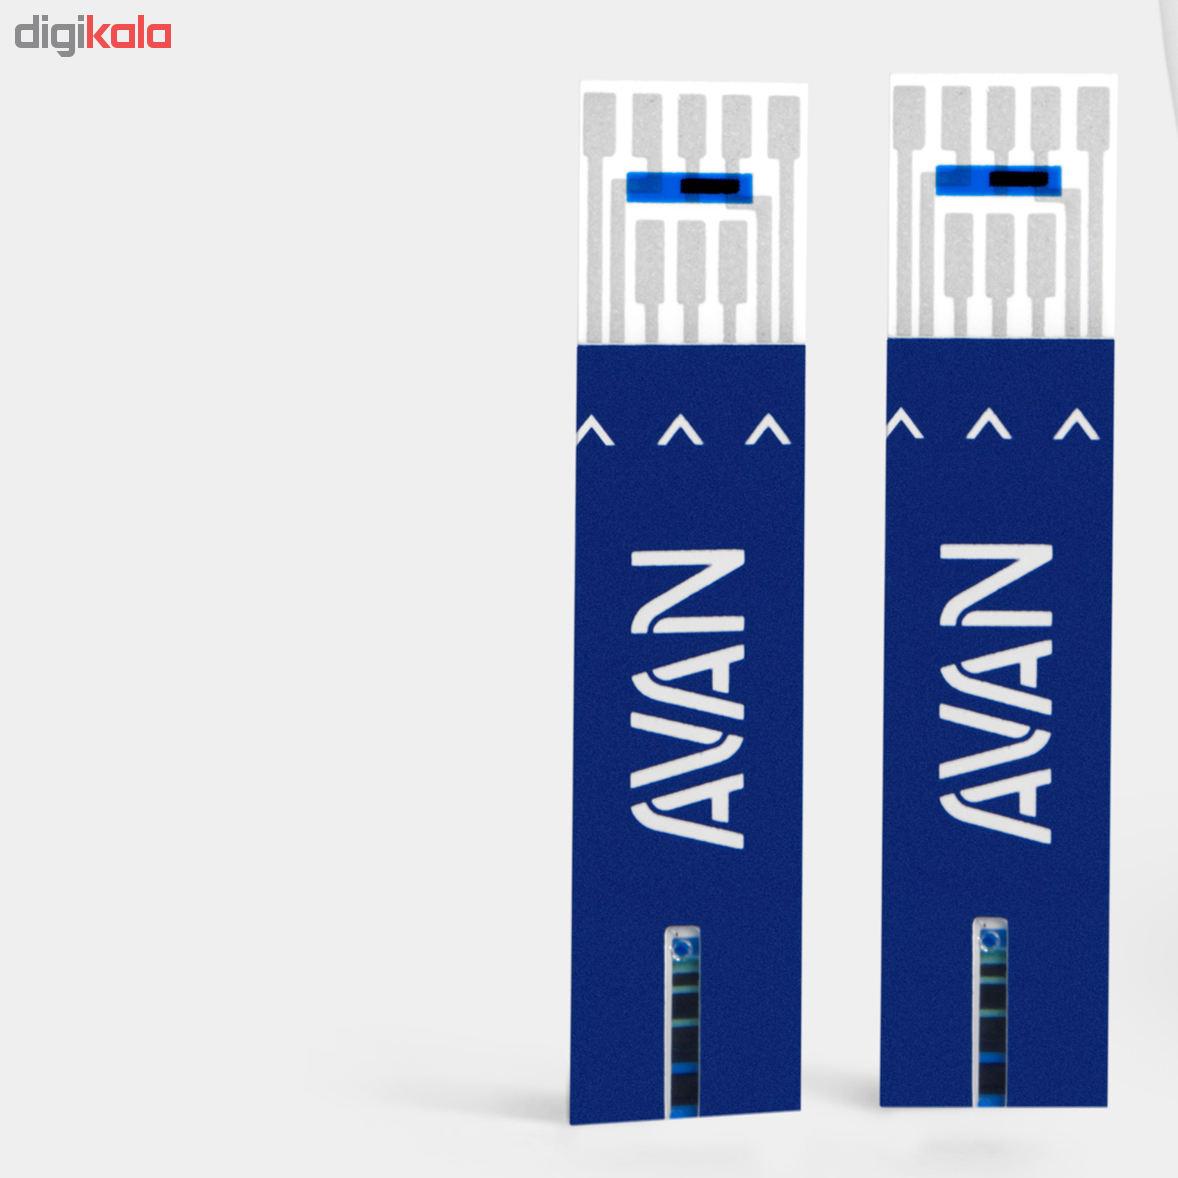 نوار تست قند خون آوان با دقت بالا مدل AGS01 بسته 50 عددی